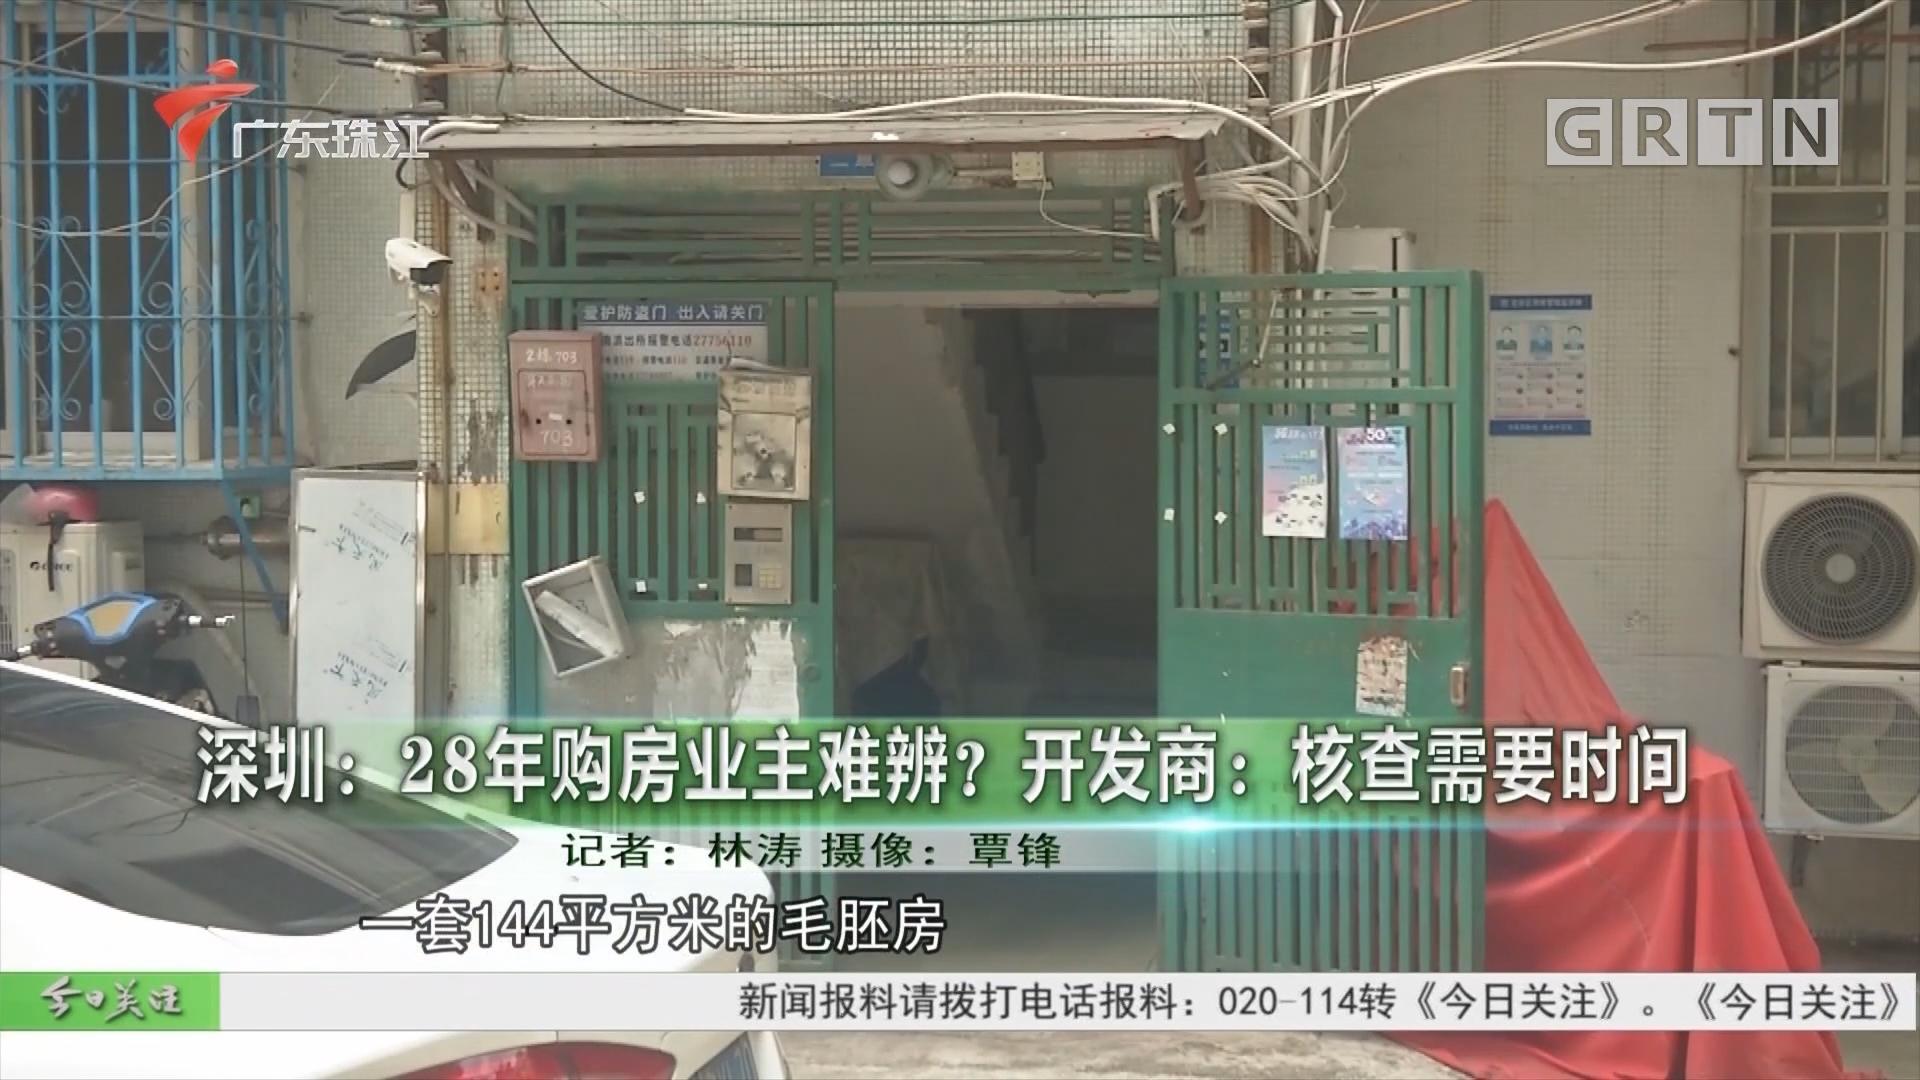 深圳:28年购房业主难辨?开发商:核查需要时间